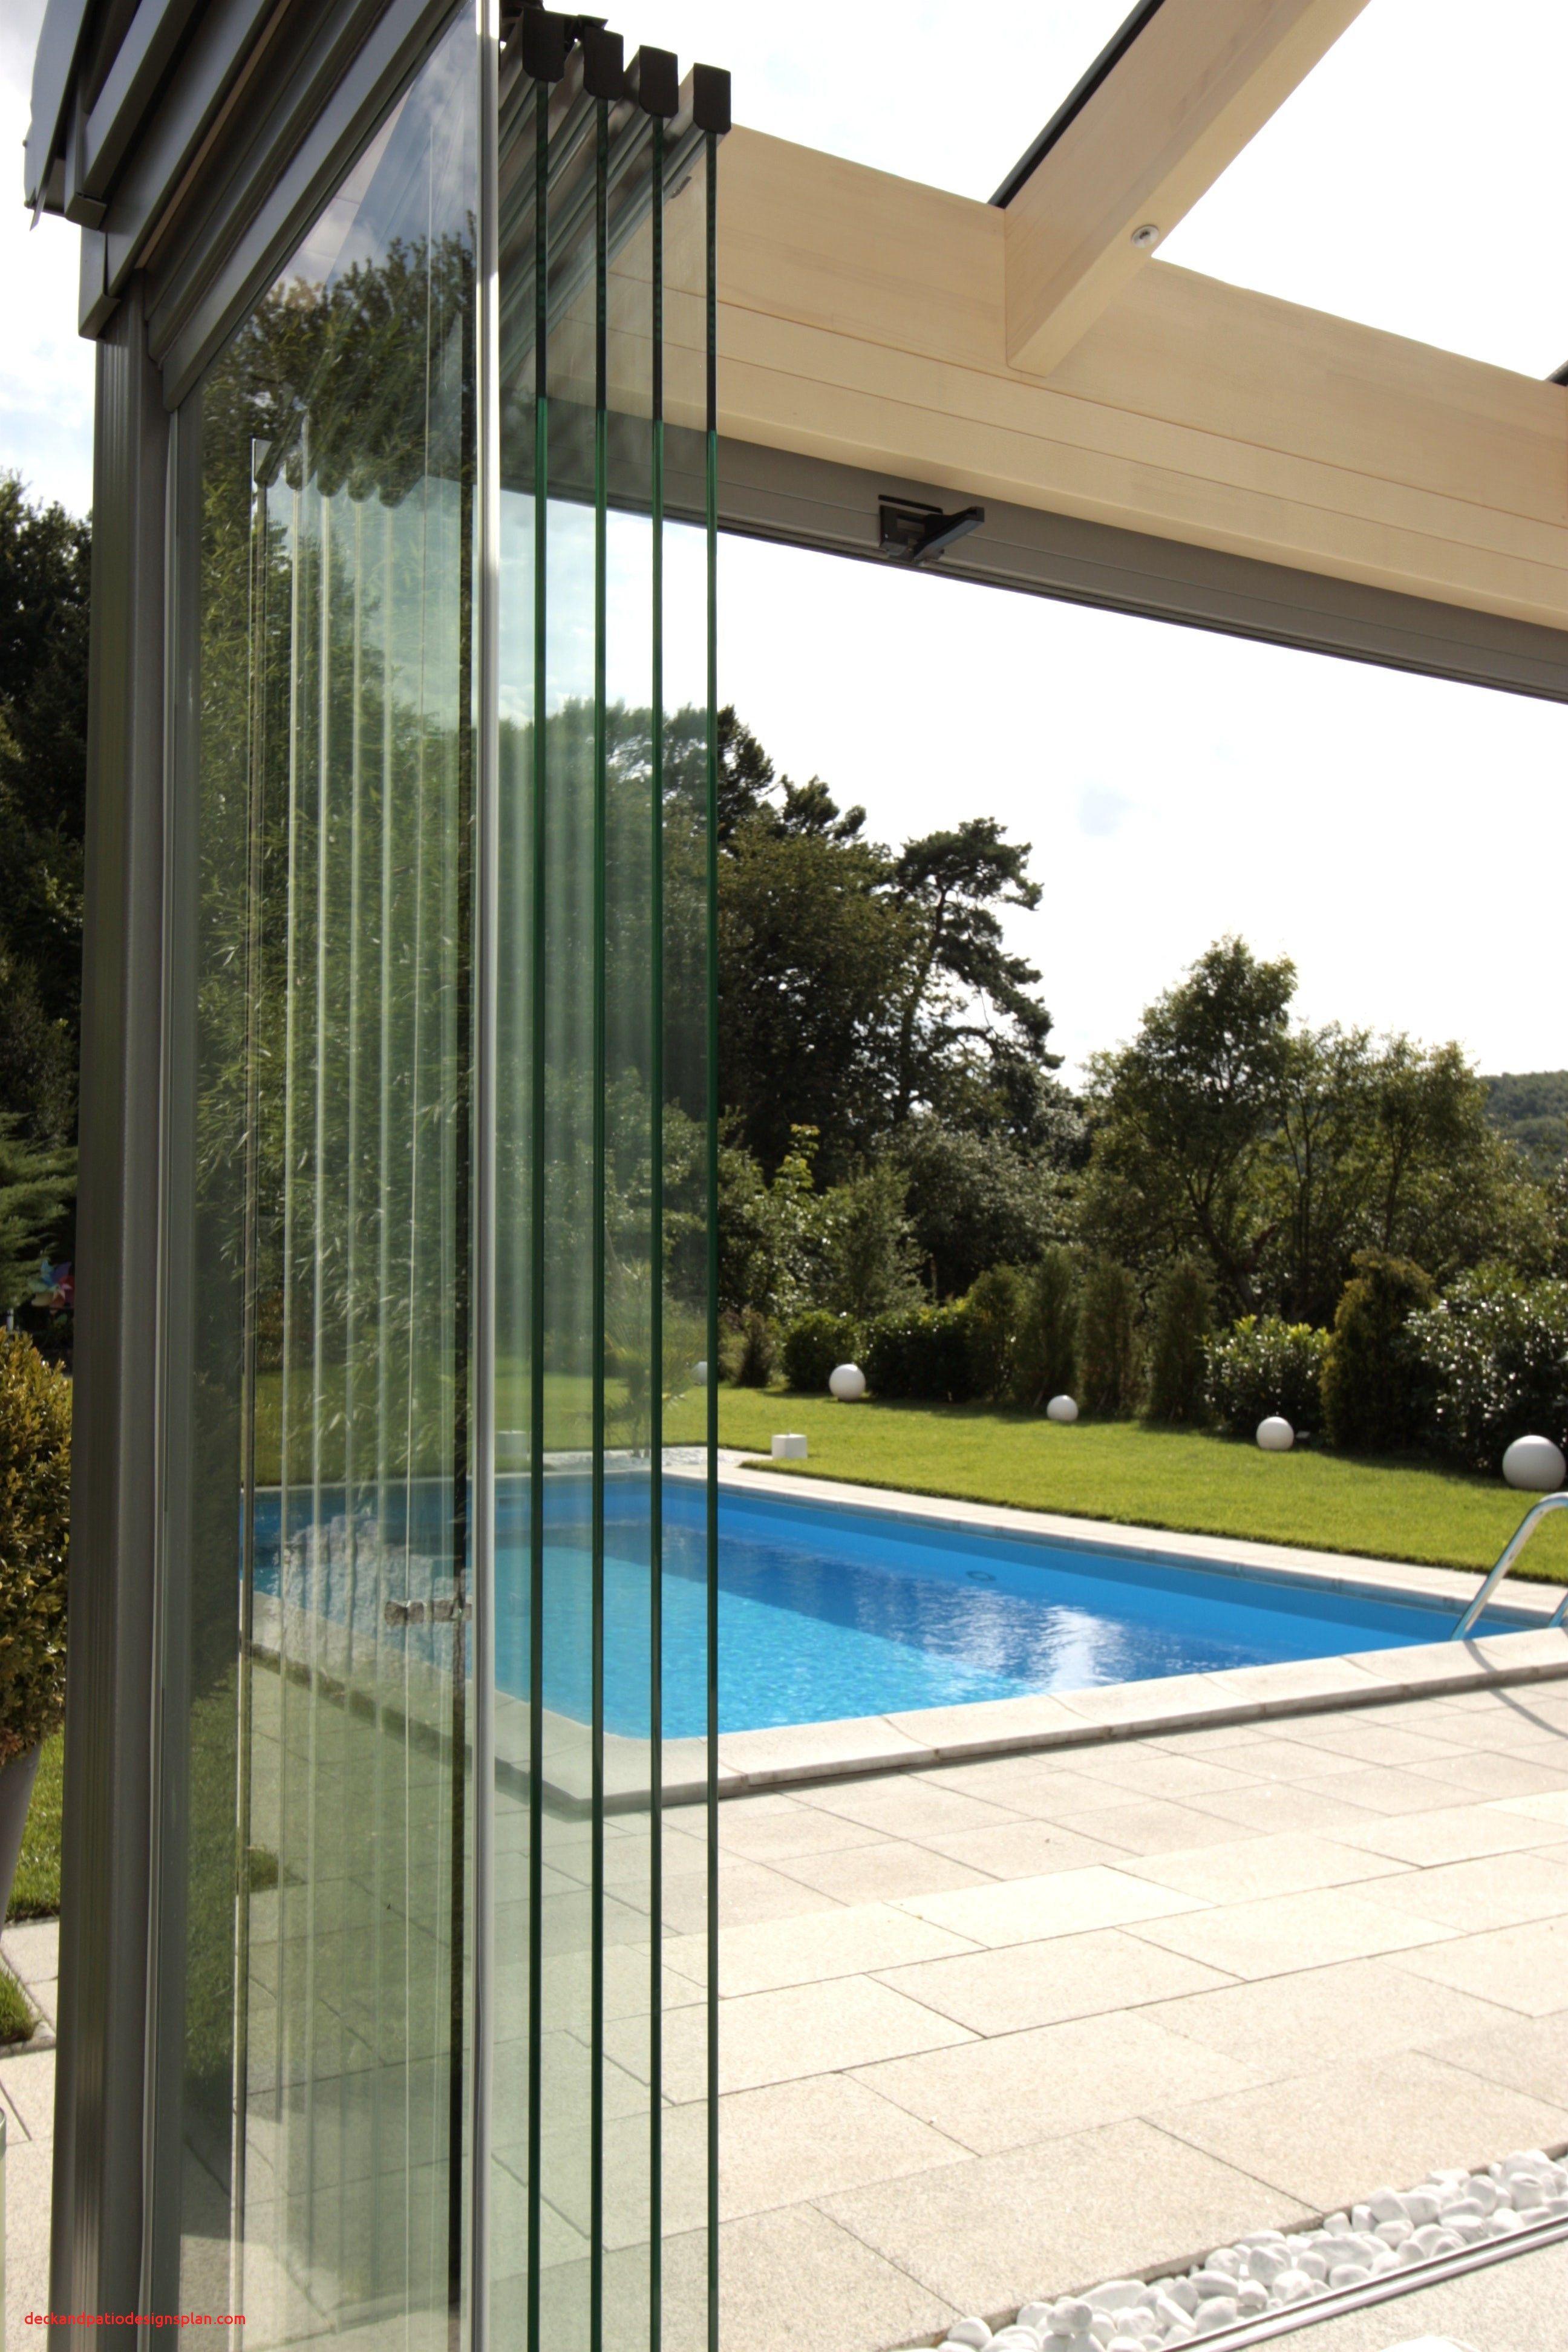 Ideen 45 Zum Windschutz Terrasse Glas Metall Windschutz Terrasse